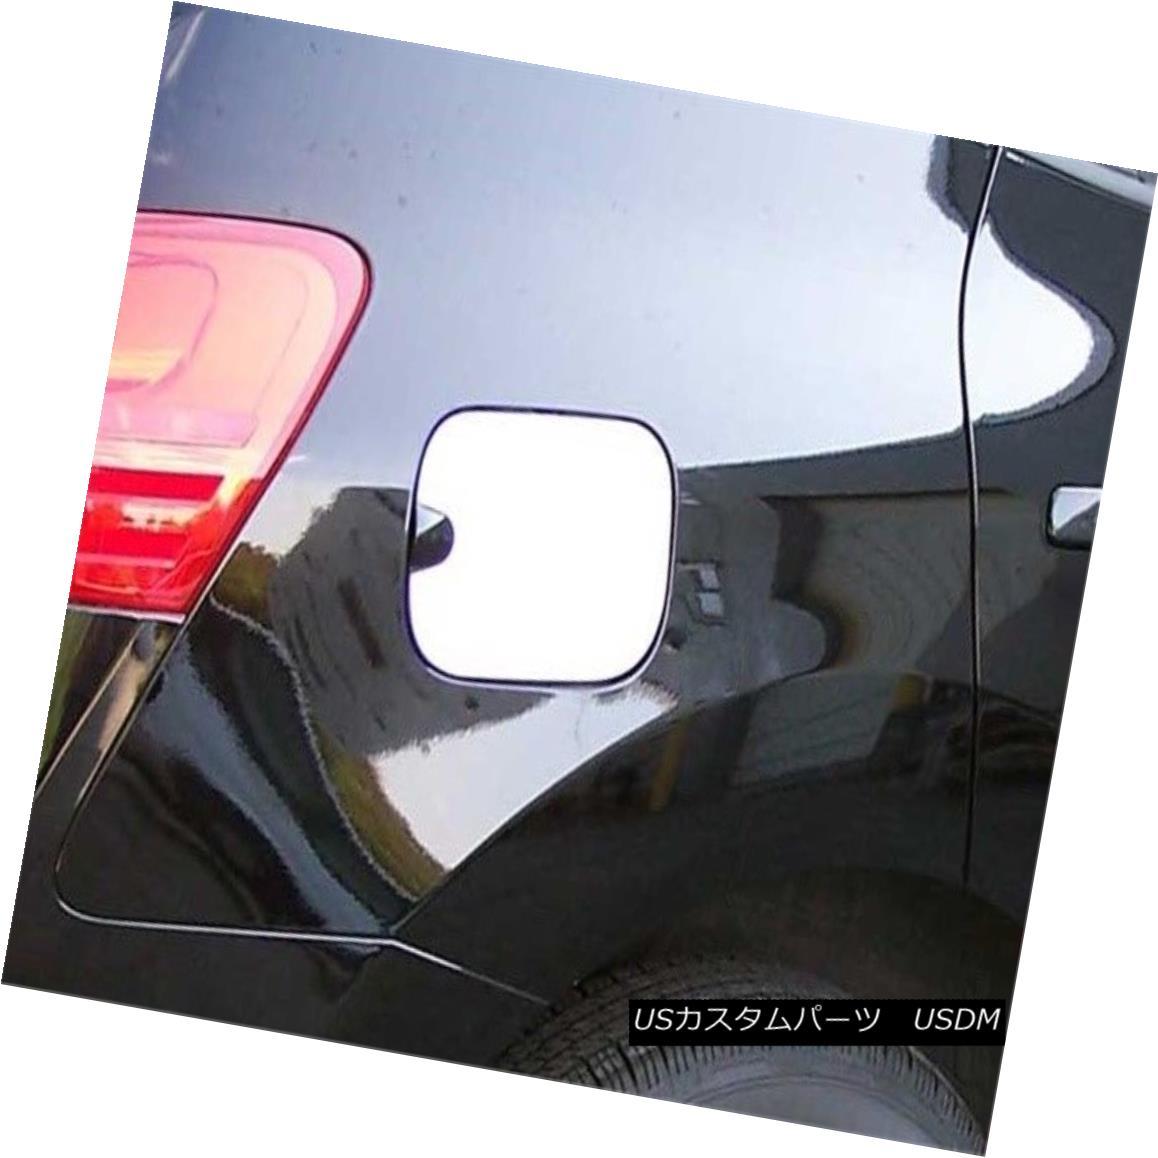 グリル Fits 2008-2013 NISSAN ROGUE 4-door, SUV -Stainless Steel GAS CAP DOOR 2008-2013 NISSAN ROGUE 4ドアSUV - ステンレススチールガスCAP DOOR